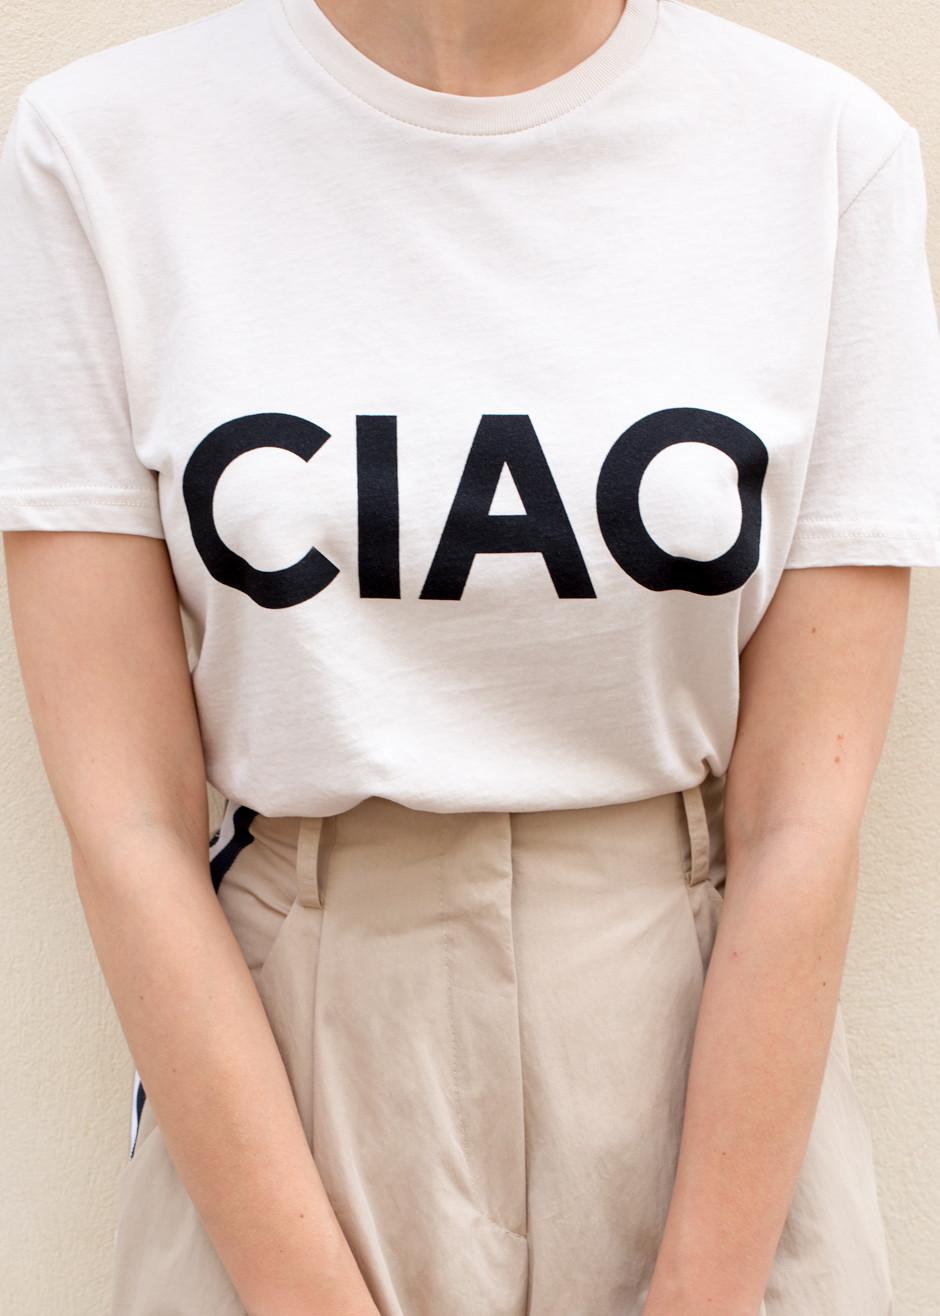 Ciao-Tee-IMG_8701.jpg